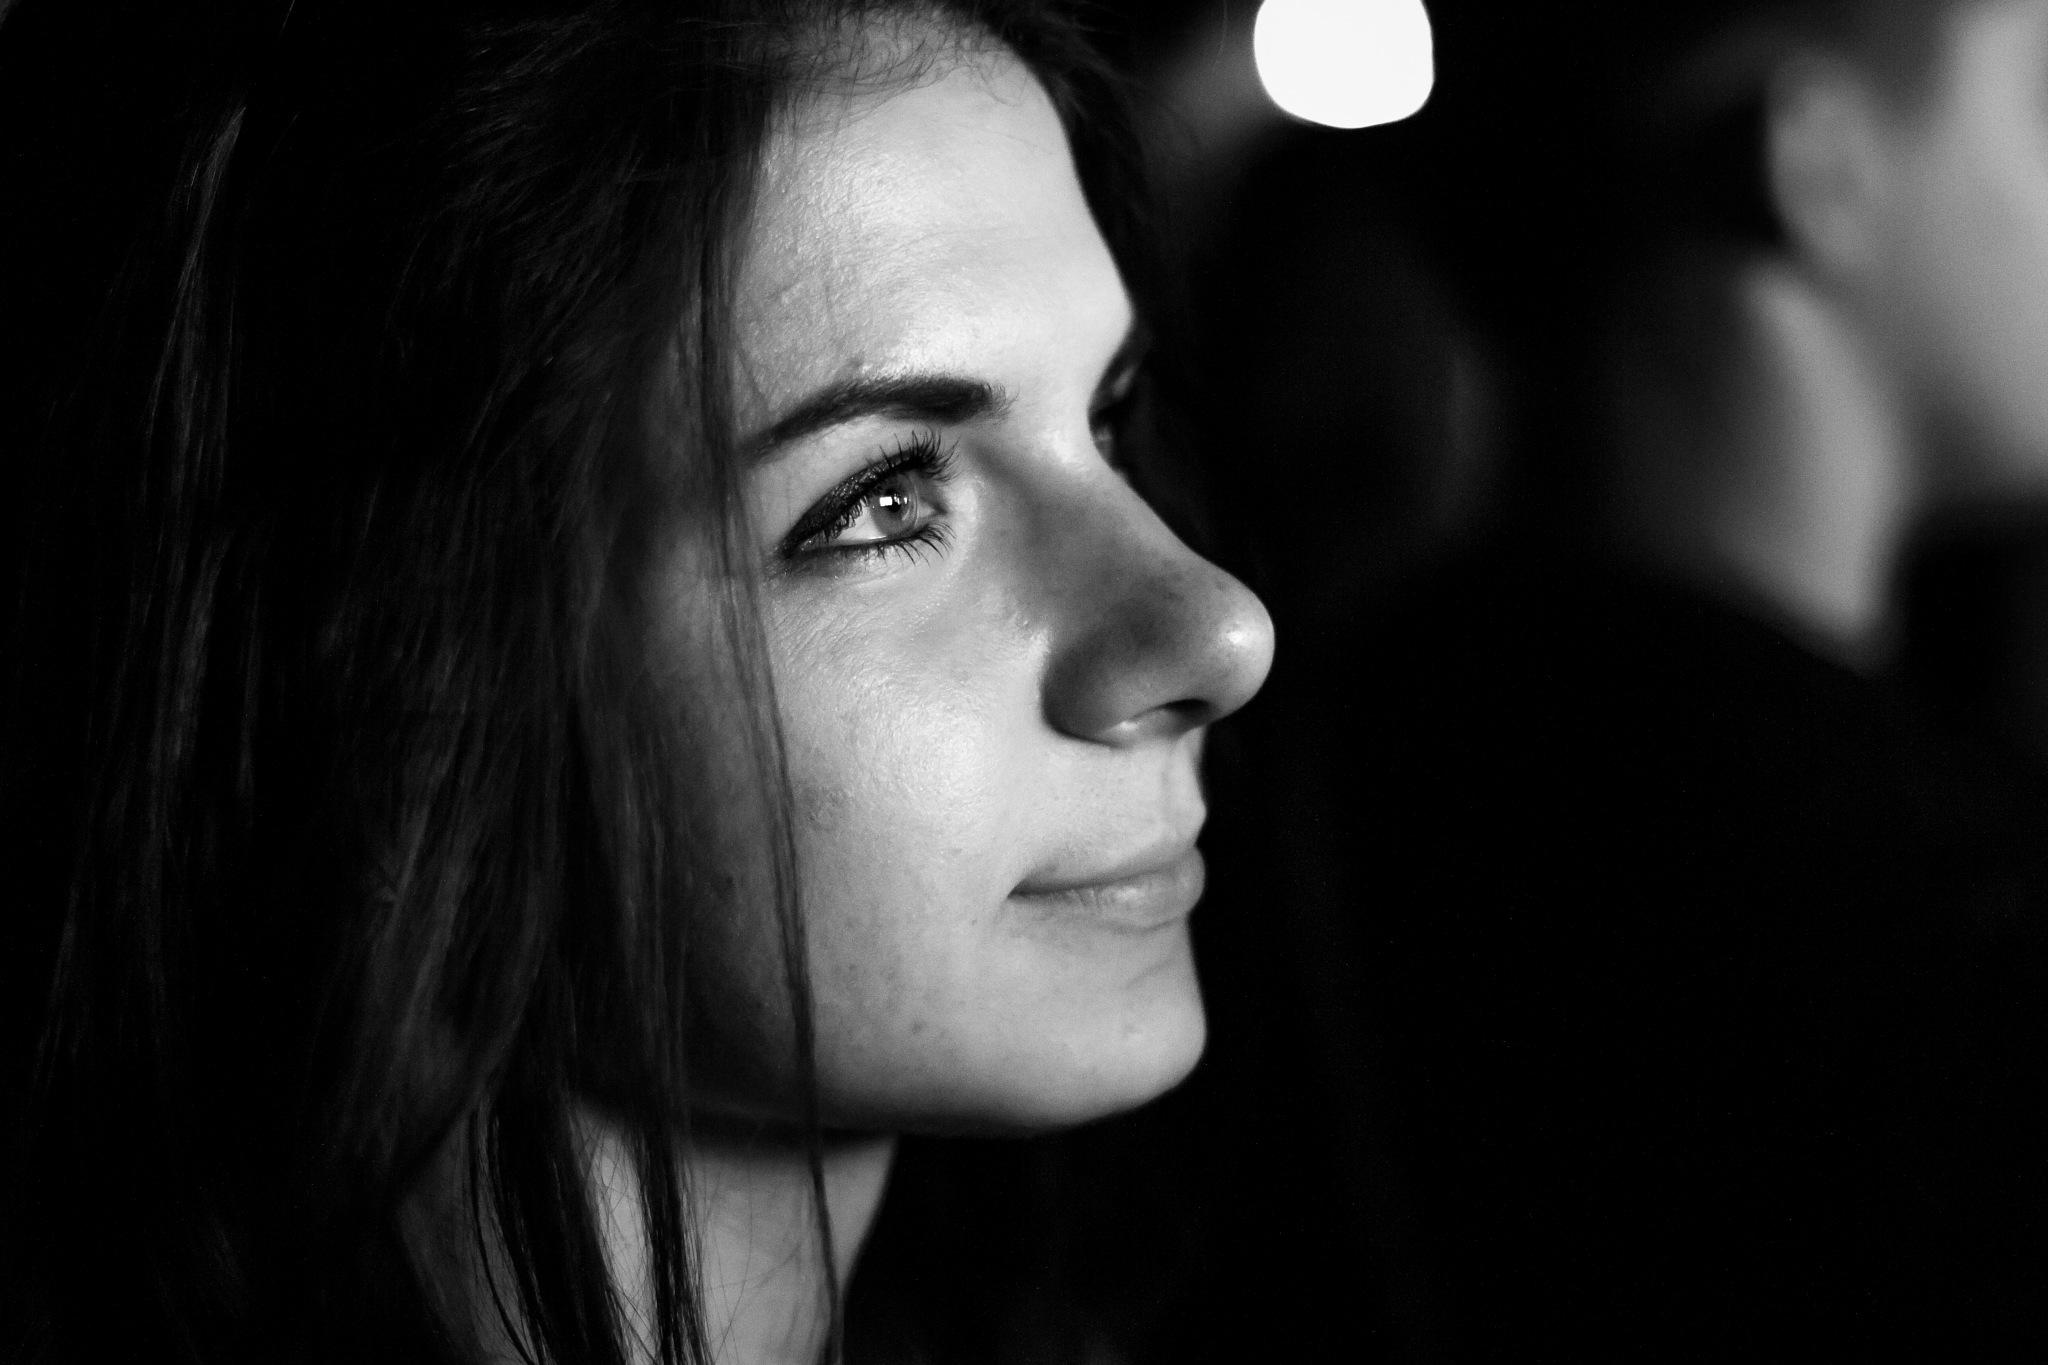 Black and White portrait by Dmitry Kalashnikov